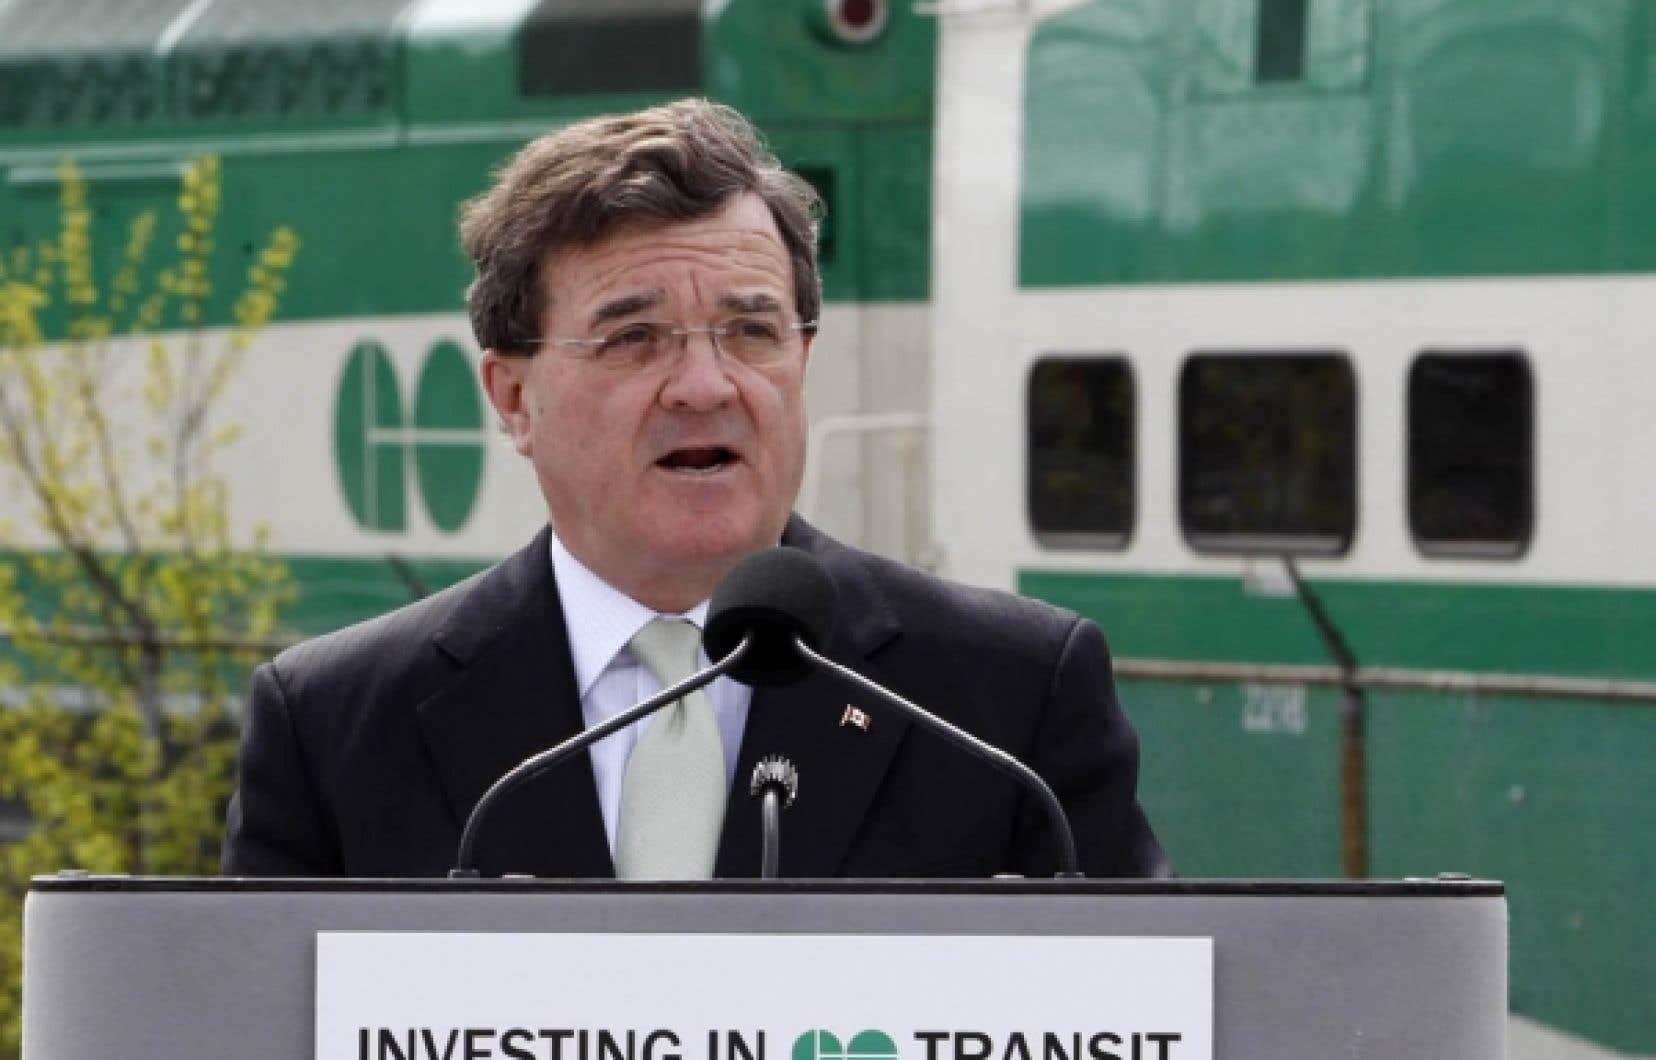 Jim Flaherty affirme que le nouveau code de conduite donnera aux commerçants la liberté de choisir le réseau qu'ils souhaitent, ce qui les aidera à réaliser des économies qu'ils pourront ensuite refiler aux consommateurs.